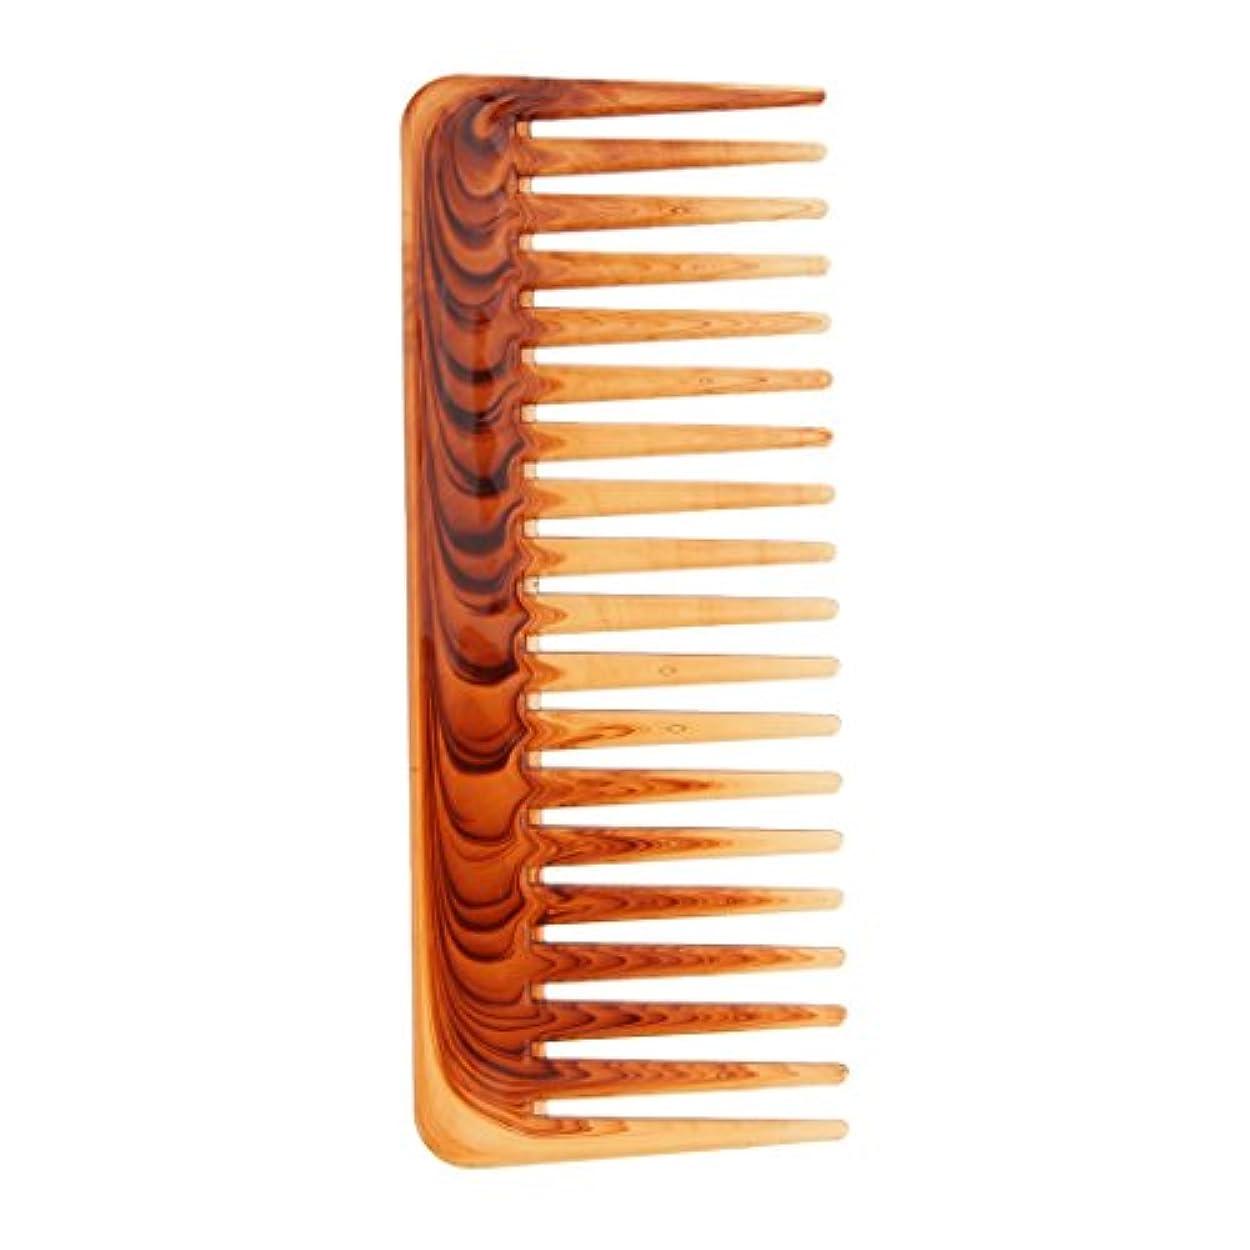 いいね真鍮蚊ヘアコーム ヘアブラシ 櫛 ワイド歯 サロン ヘアスタイリング 耐熱性 帯電防止